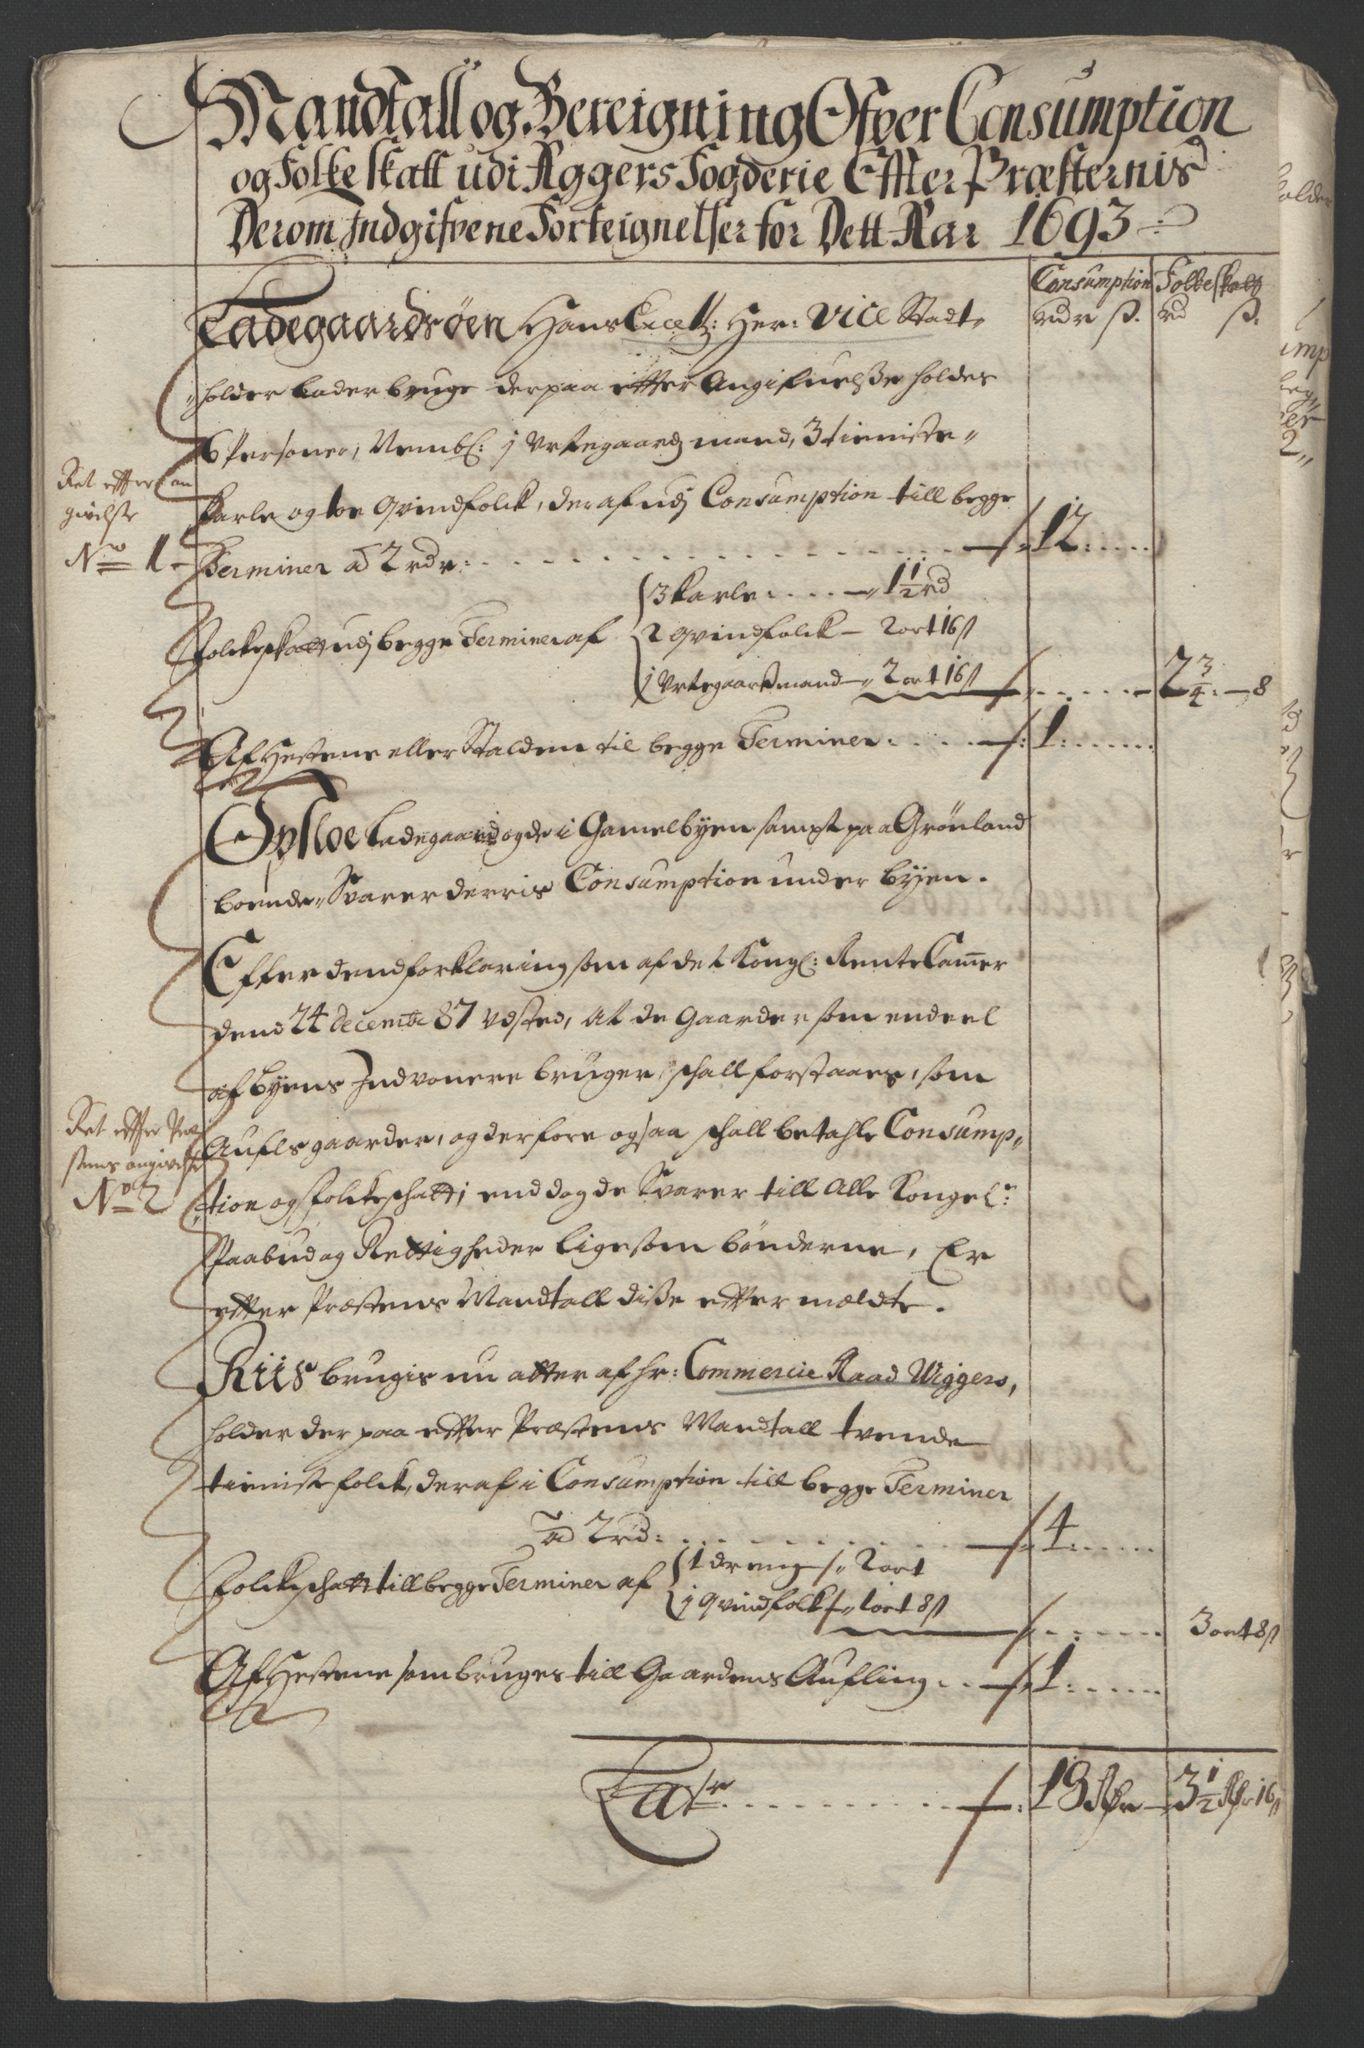 RA, Rentekammeret inntil 1814, Reviderte regnskaper, Fogderegnskap, R08/L0426: Fogderegnskap Aker, 1692-1693, s. 363